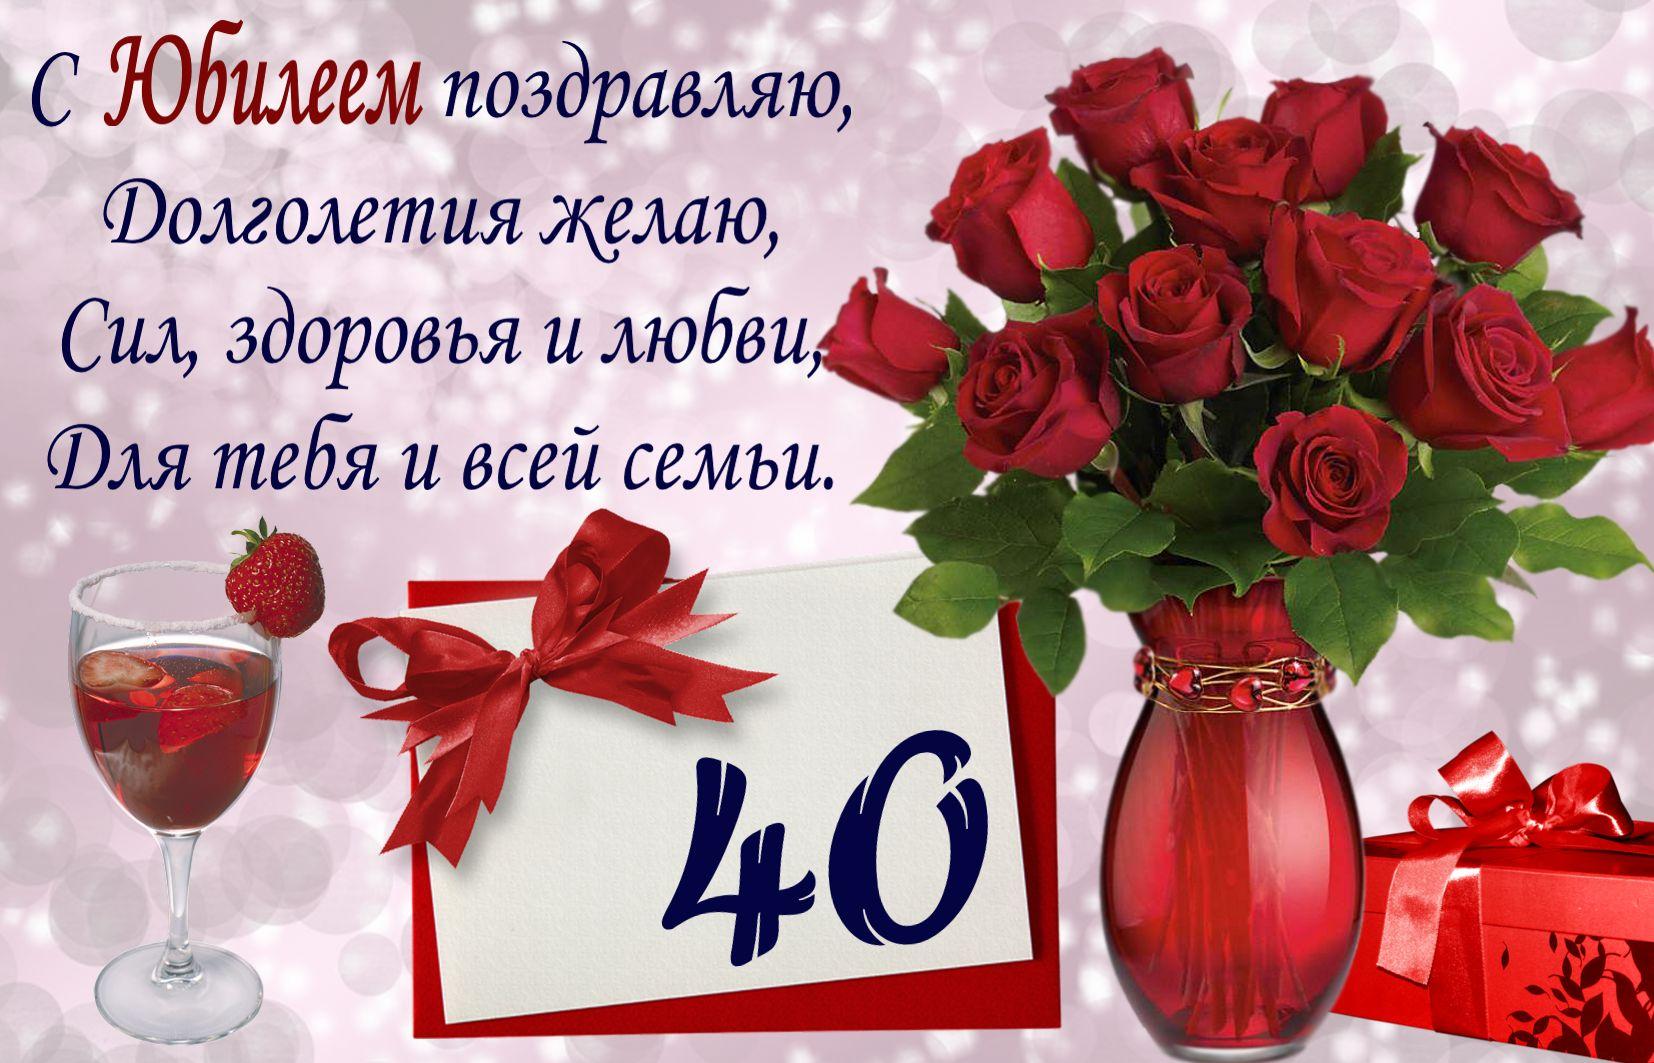 Поздравление с днем рождения женщины в ее 45 летием